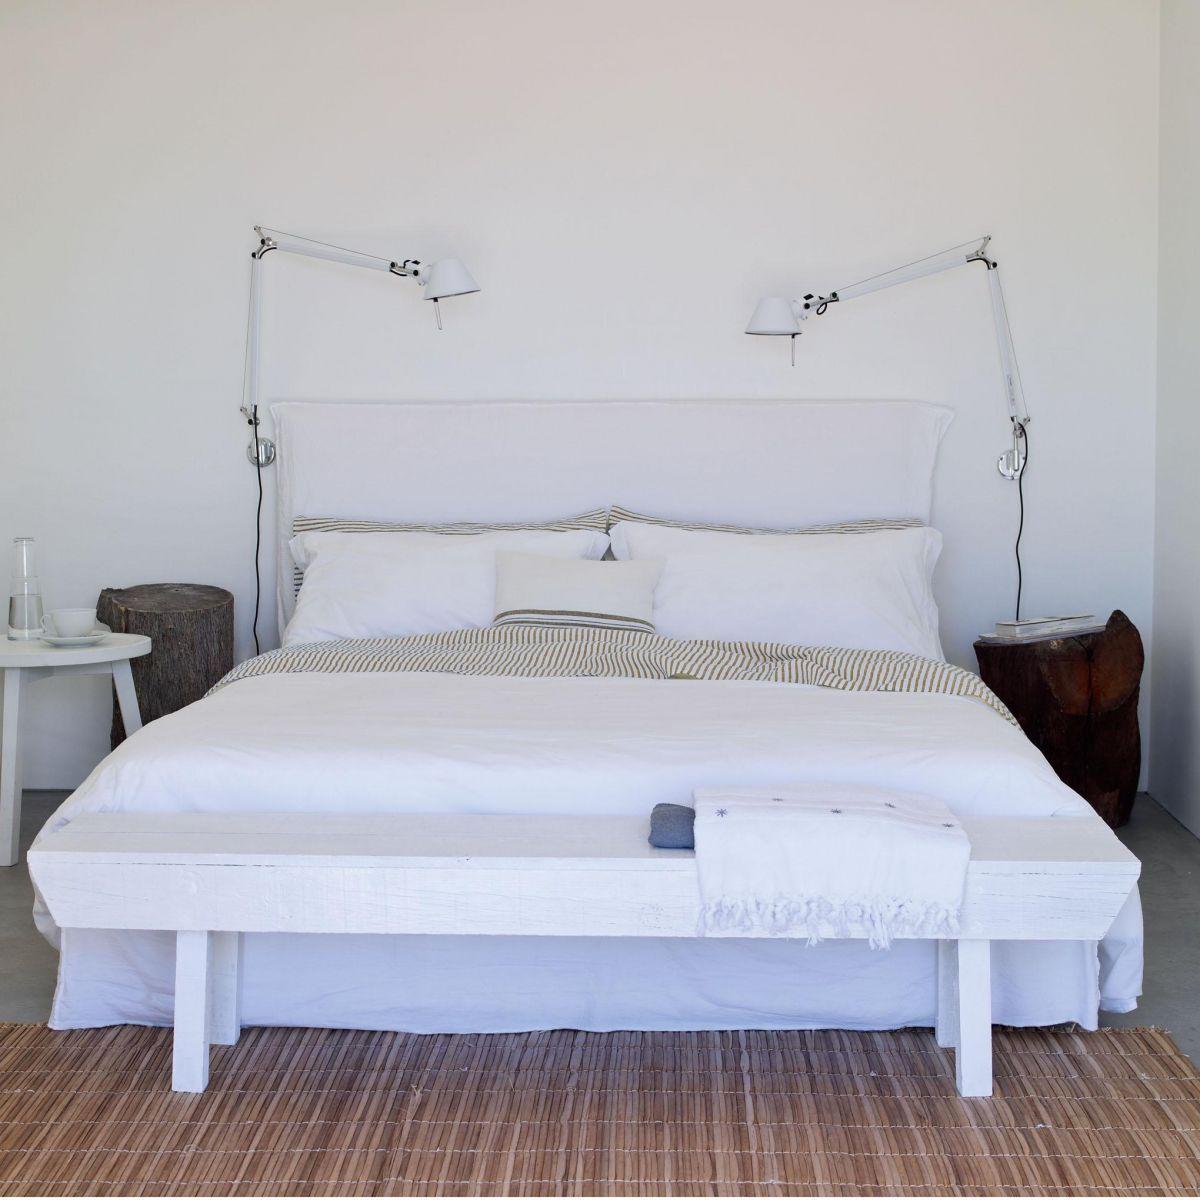 Ghost 80.G Doppelbett Bett möbel, Doppelbett und Bett ideen